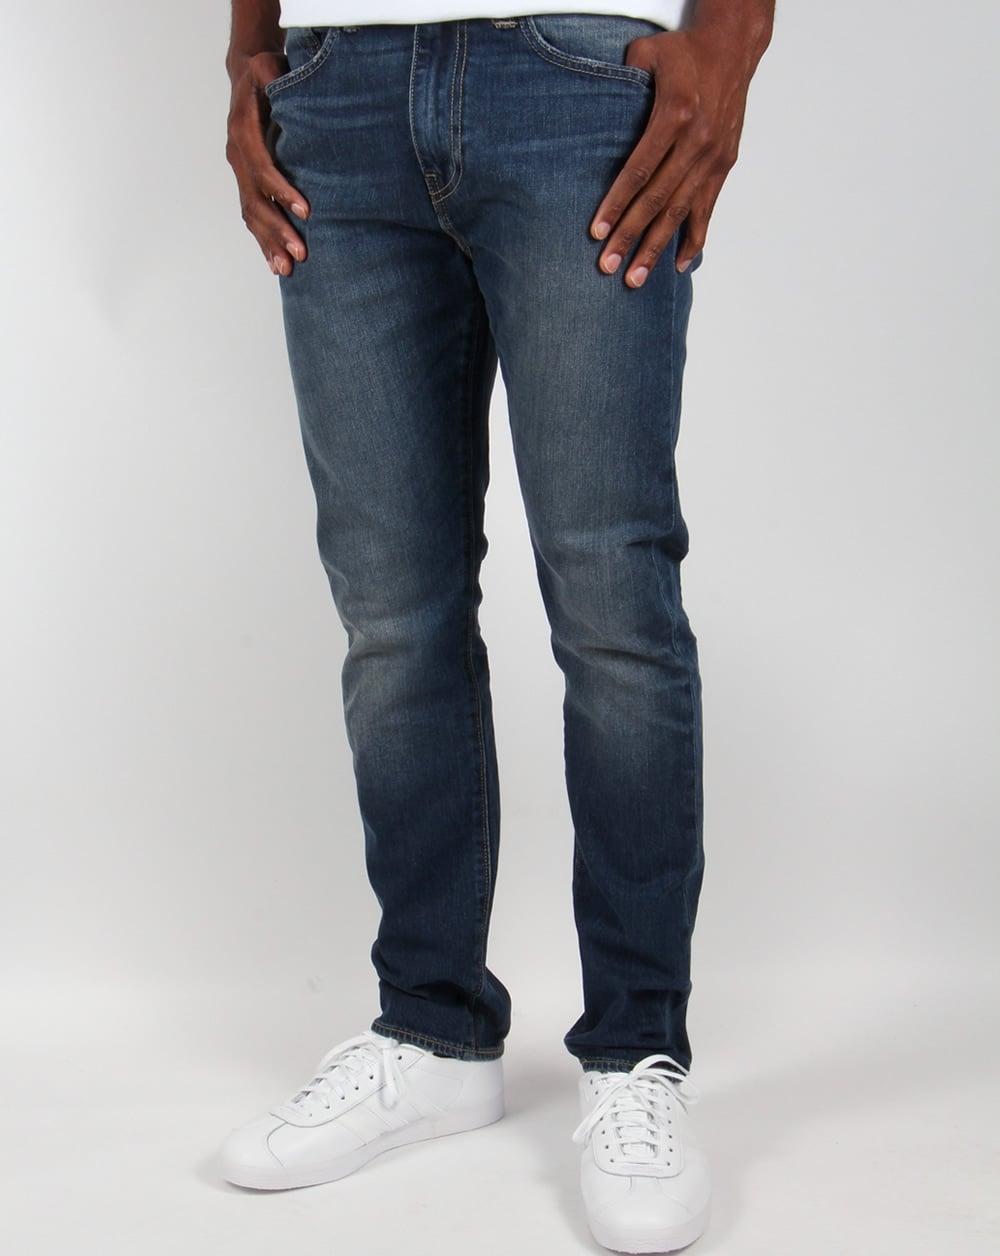 fd3348a64d35 Levi s Levis 510 Skinny Fit Jeans Blue Canyon